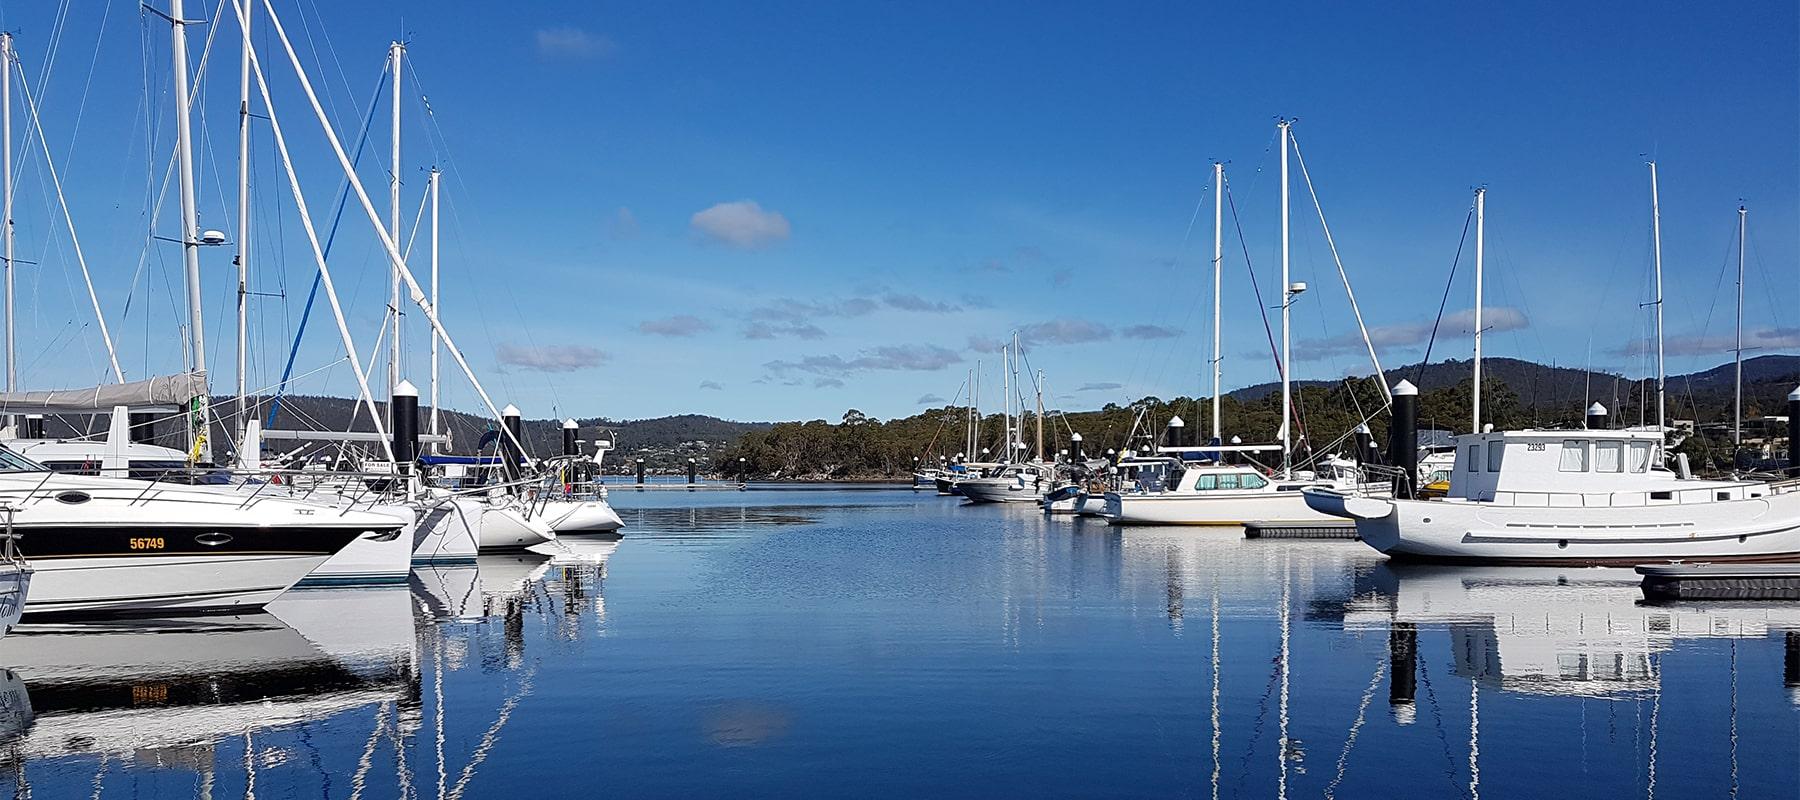 Margate Marina Hobart Berths